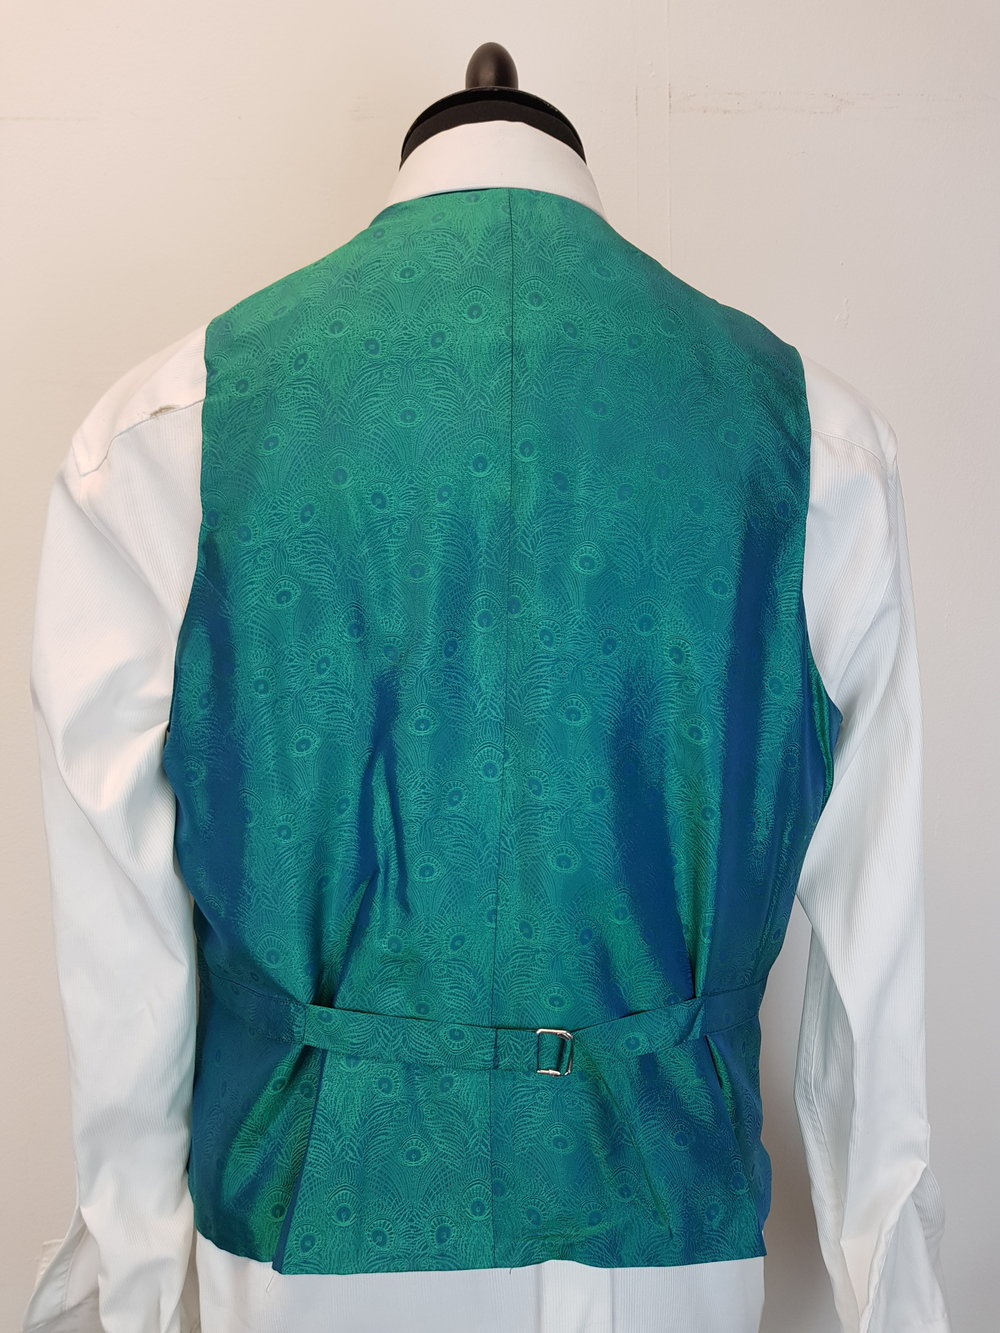 3 Piece Herringbone and check tweed suit (4).jpg